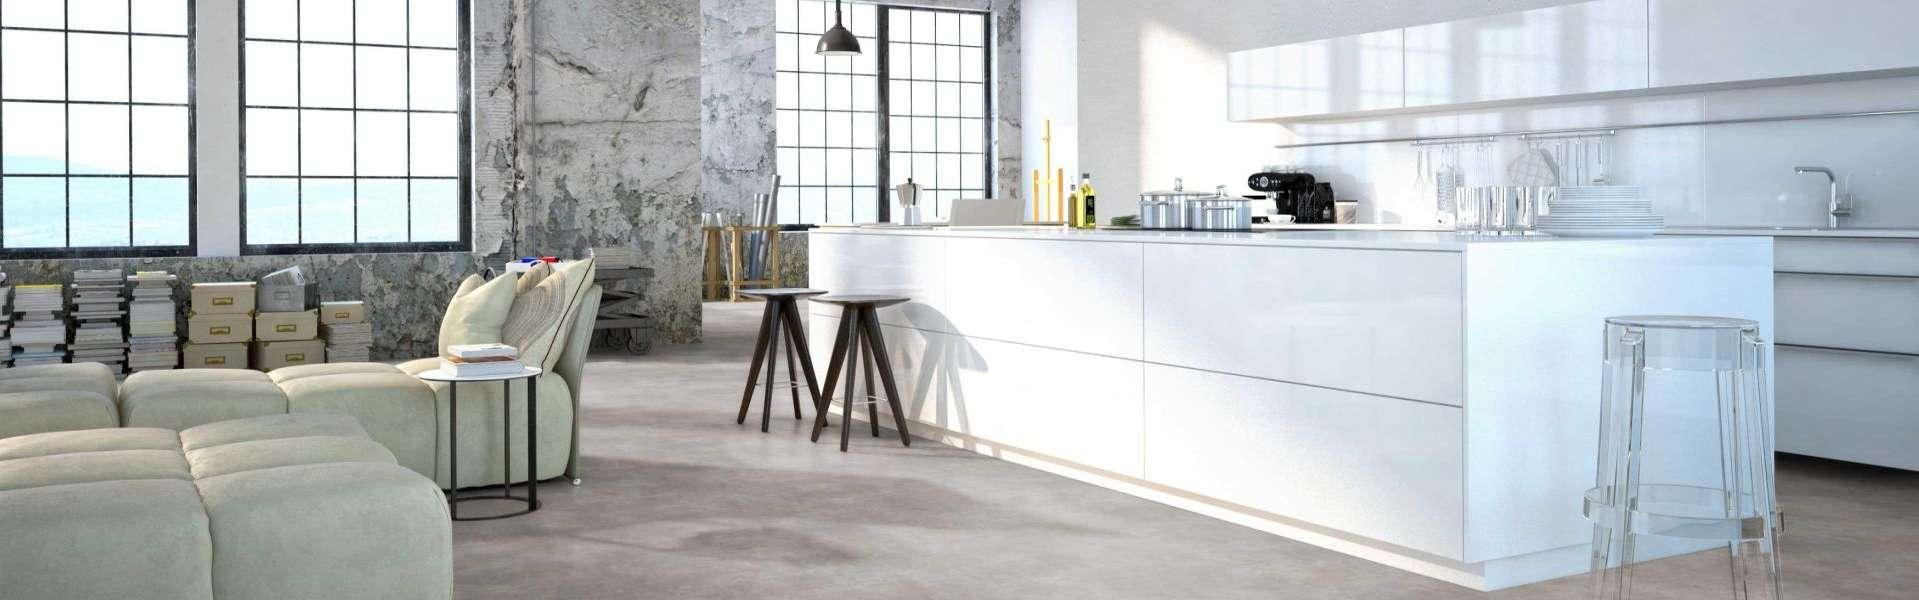 Bild Designbelag Küche